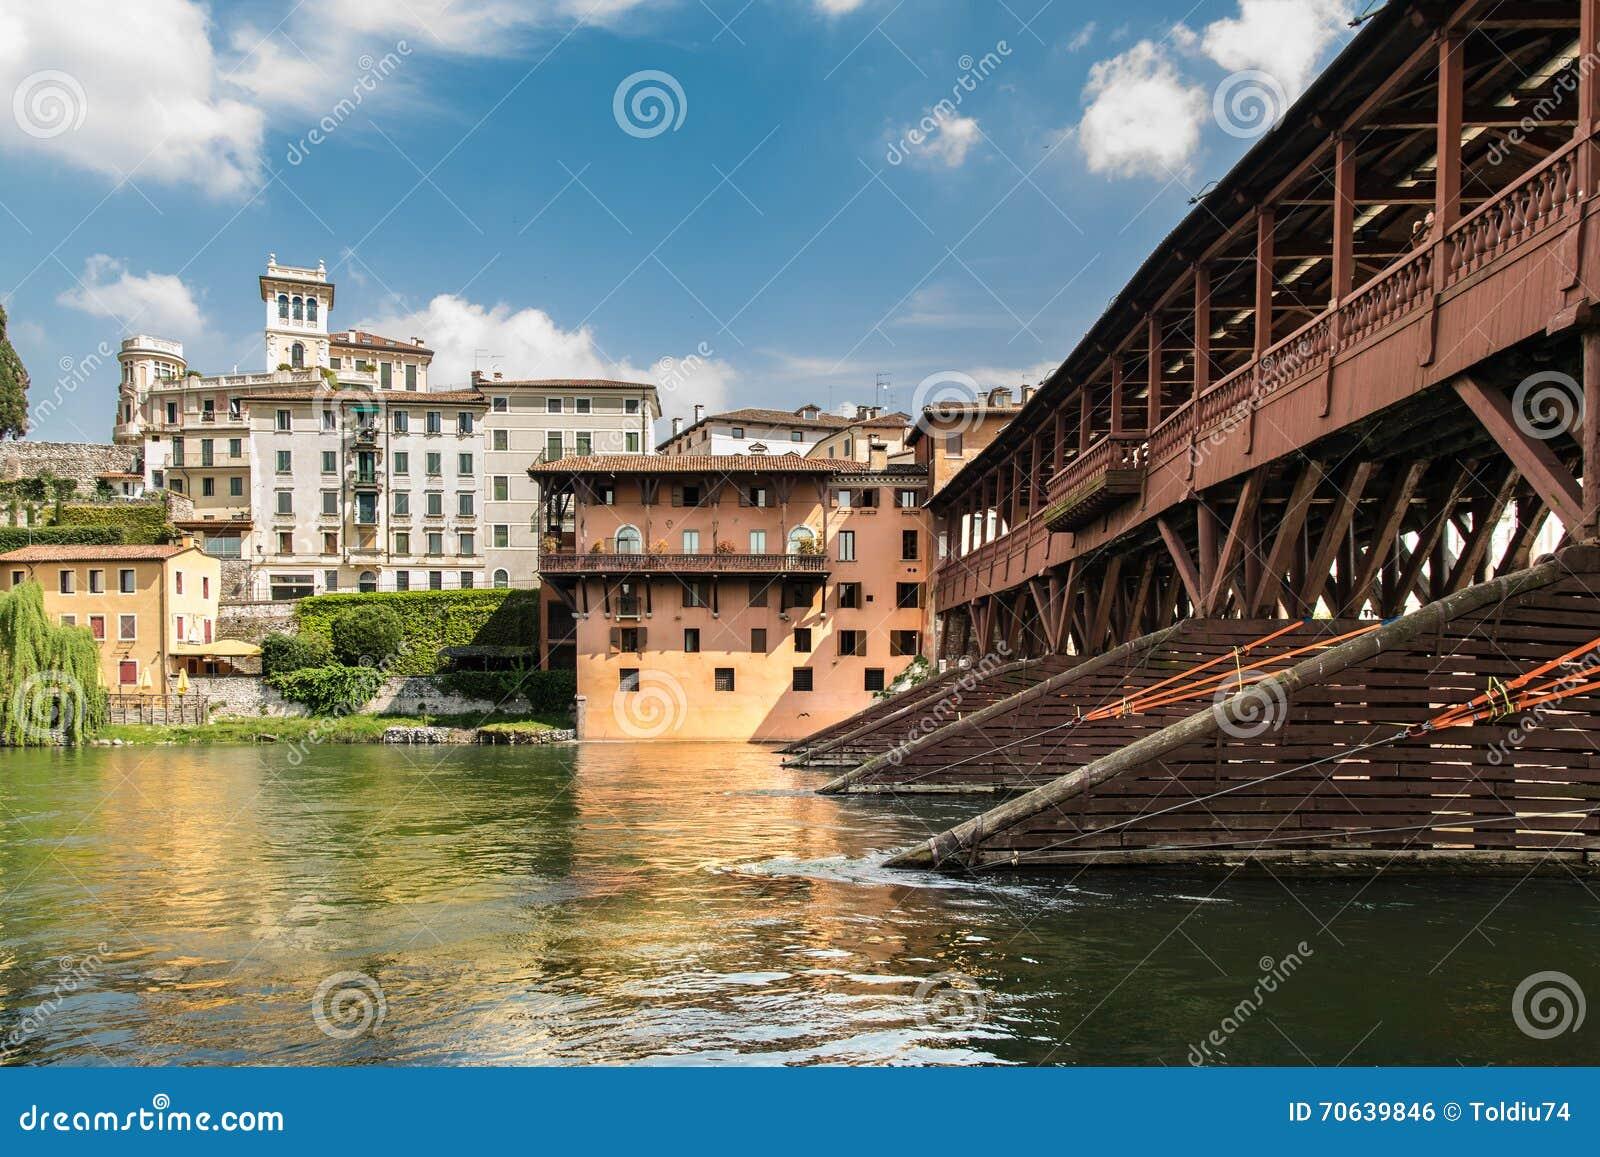 Bridge of the alpini in bassano del grappa vicenza italy - Piscine termali bassano del grappa ...